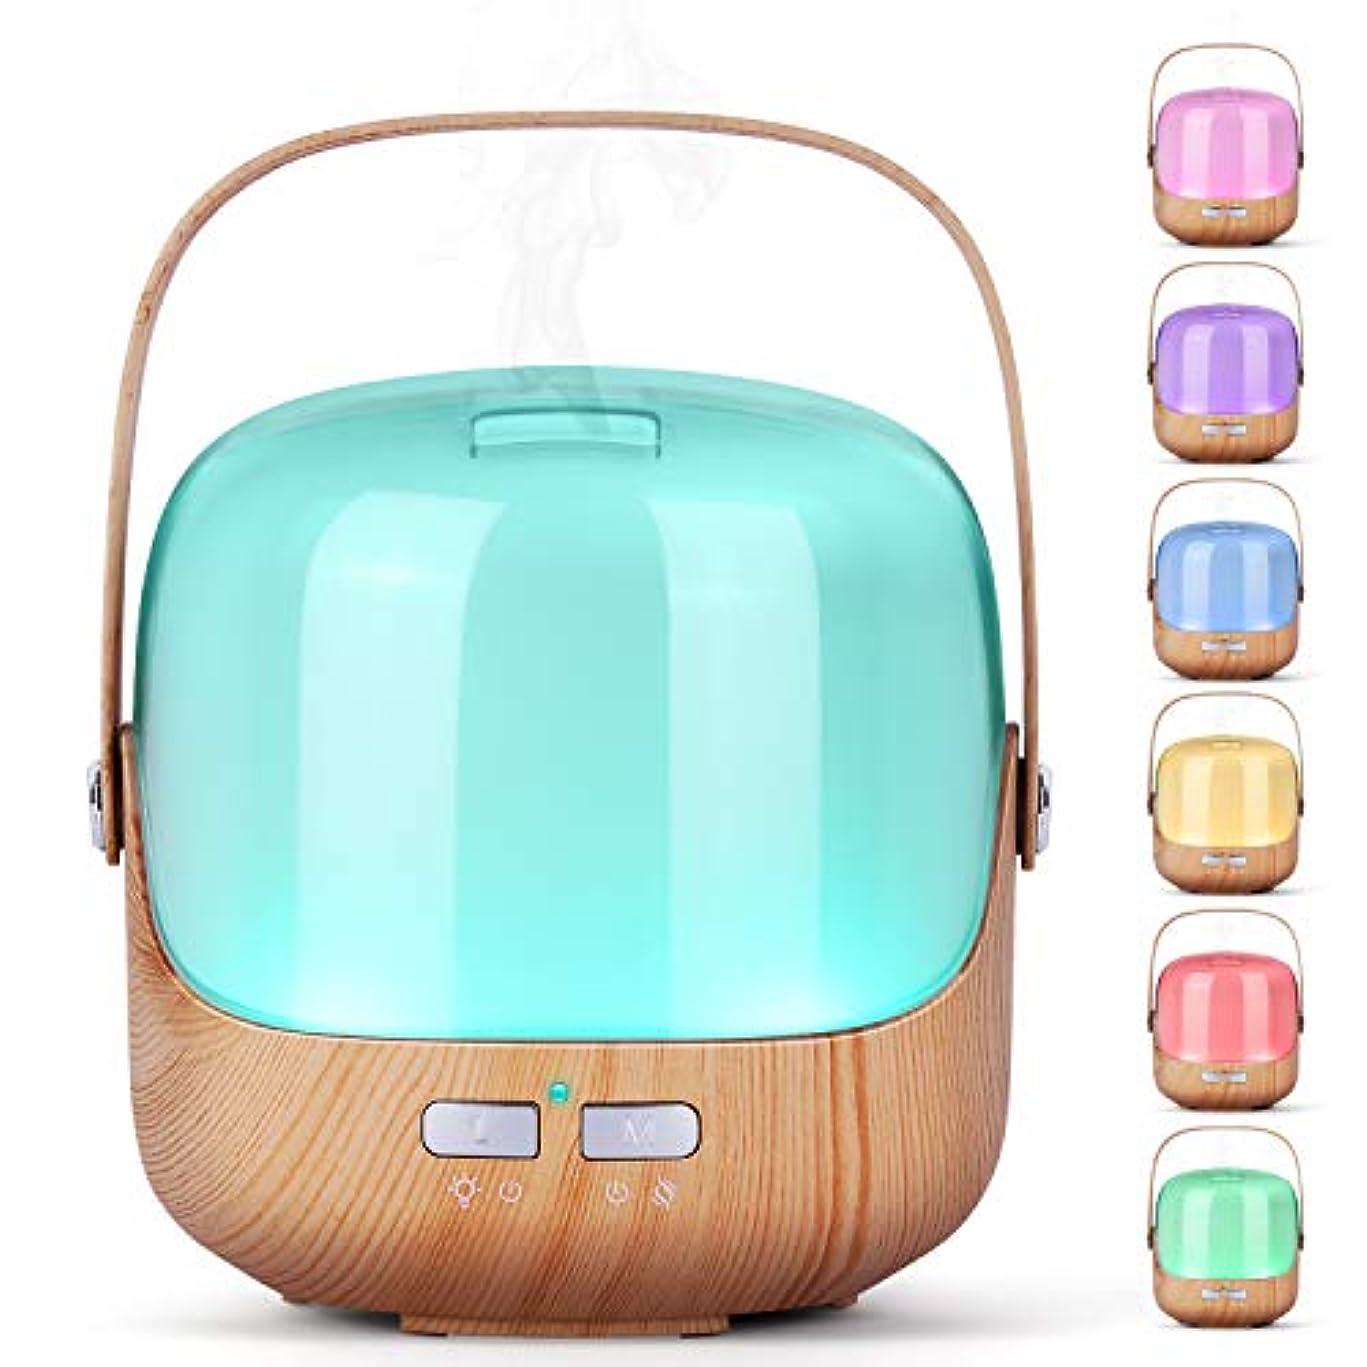 放射する固有の移植アロマディフューザー AiJoy 卓上間接照明 卓上加湿器 250ml アロマ加湿器 七色変換LEDライト 空焚き防止 木目調 (浅い穀物)